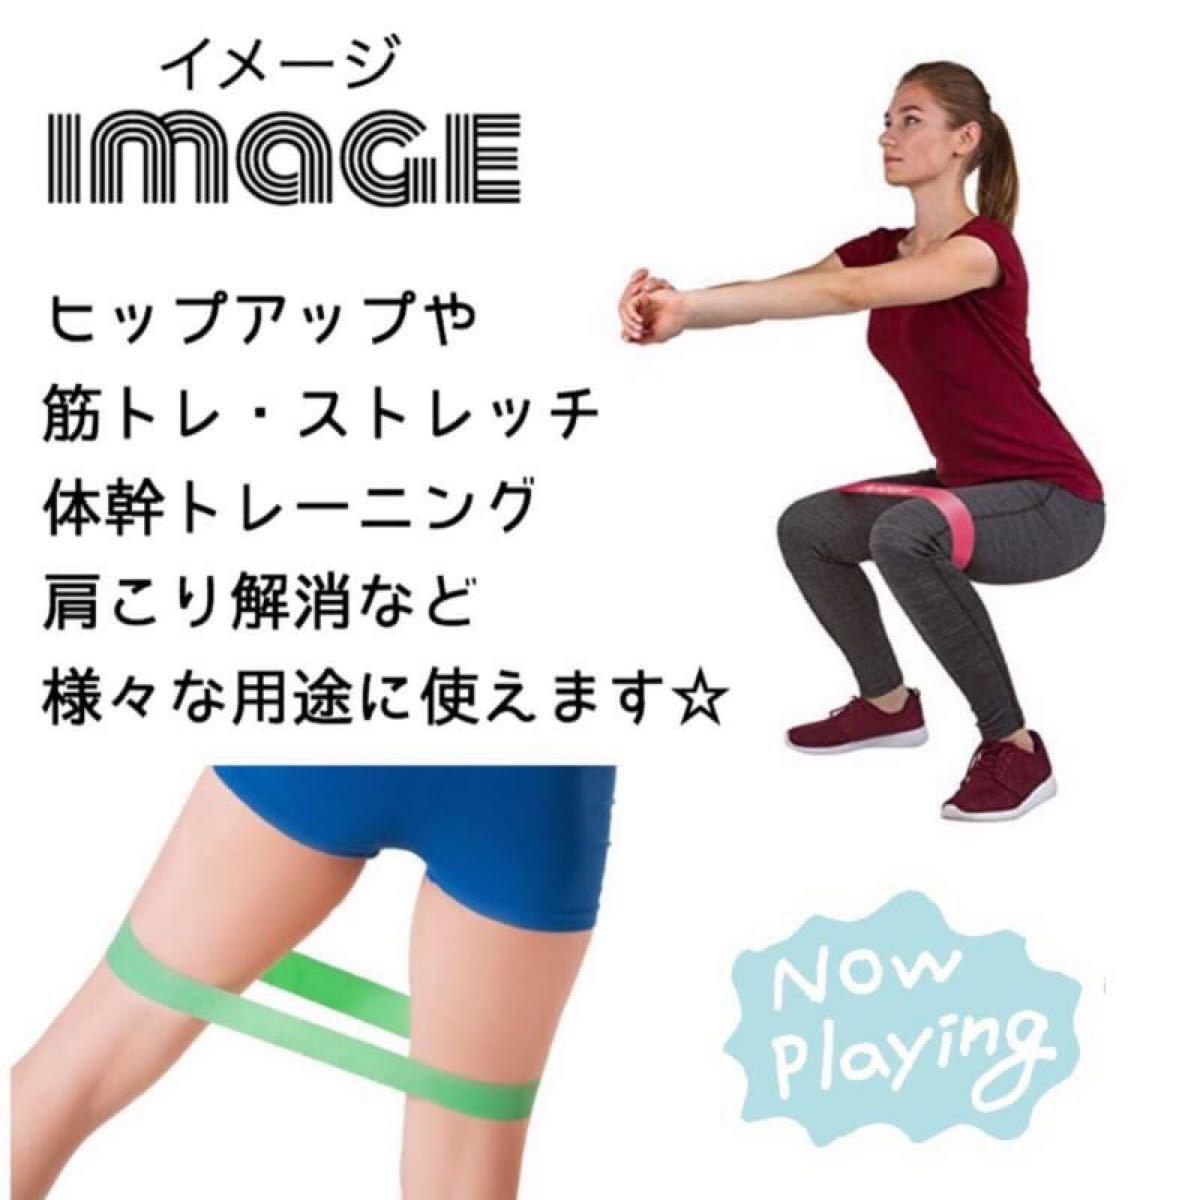 トレーニングチューブ フィットネス ダイエット 体幹  強度別 5本セット ゴム